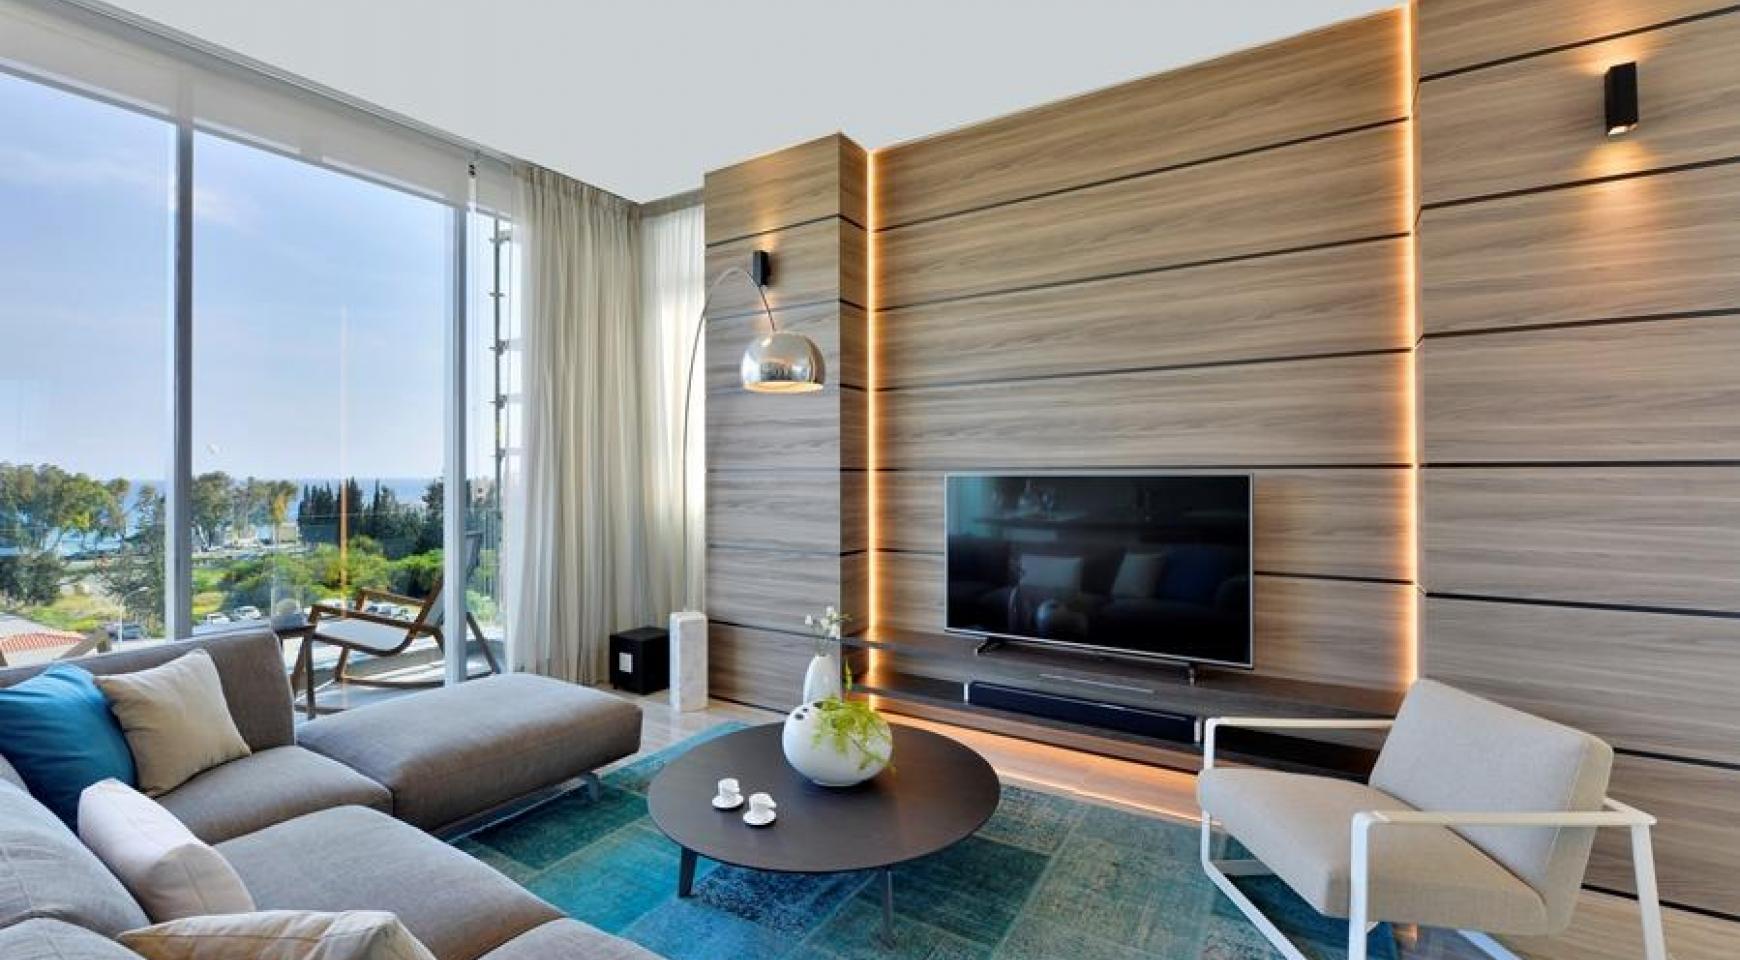 Πολυτελές διαμέρισμα 2 υπνοδωματίων με ταράτσα στο νεόδμητο συγκρότημα - 2